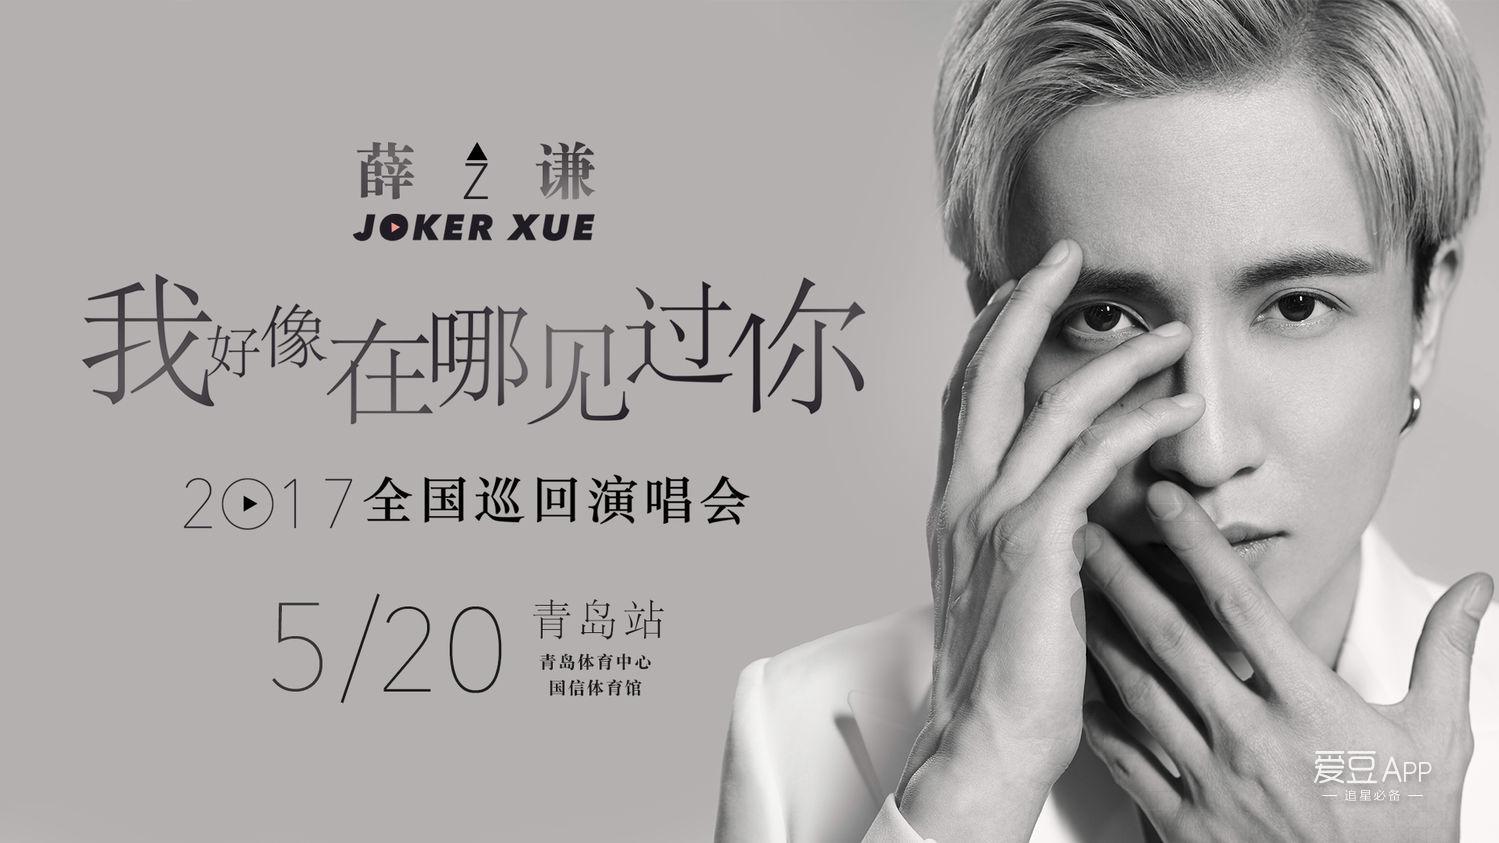 薛之谦将在青岛体育中心国信体育馆震撼开唱